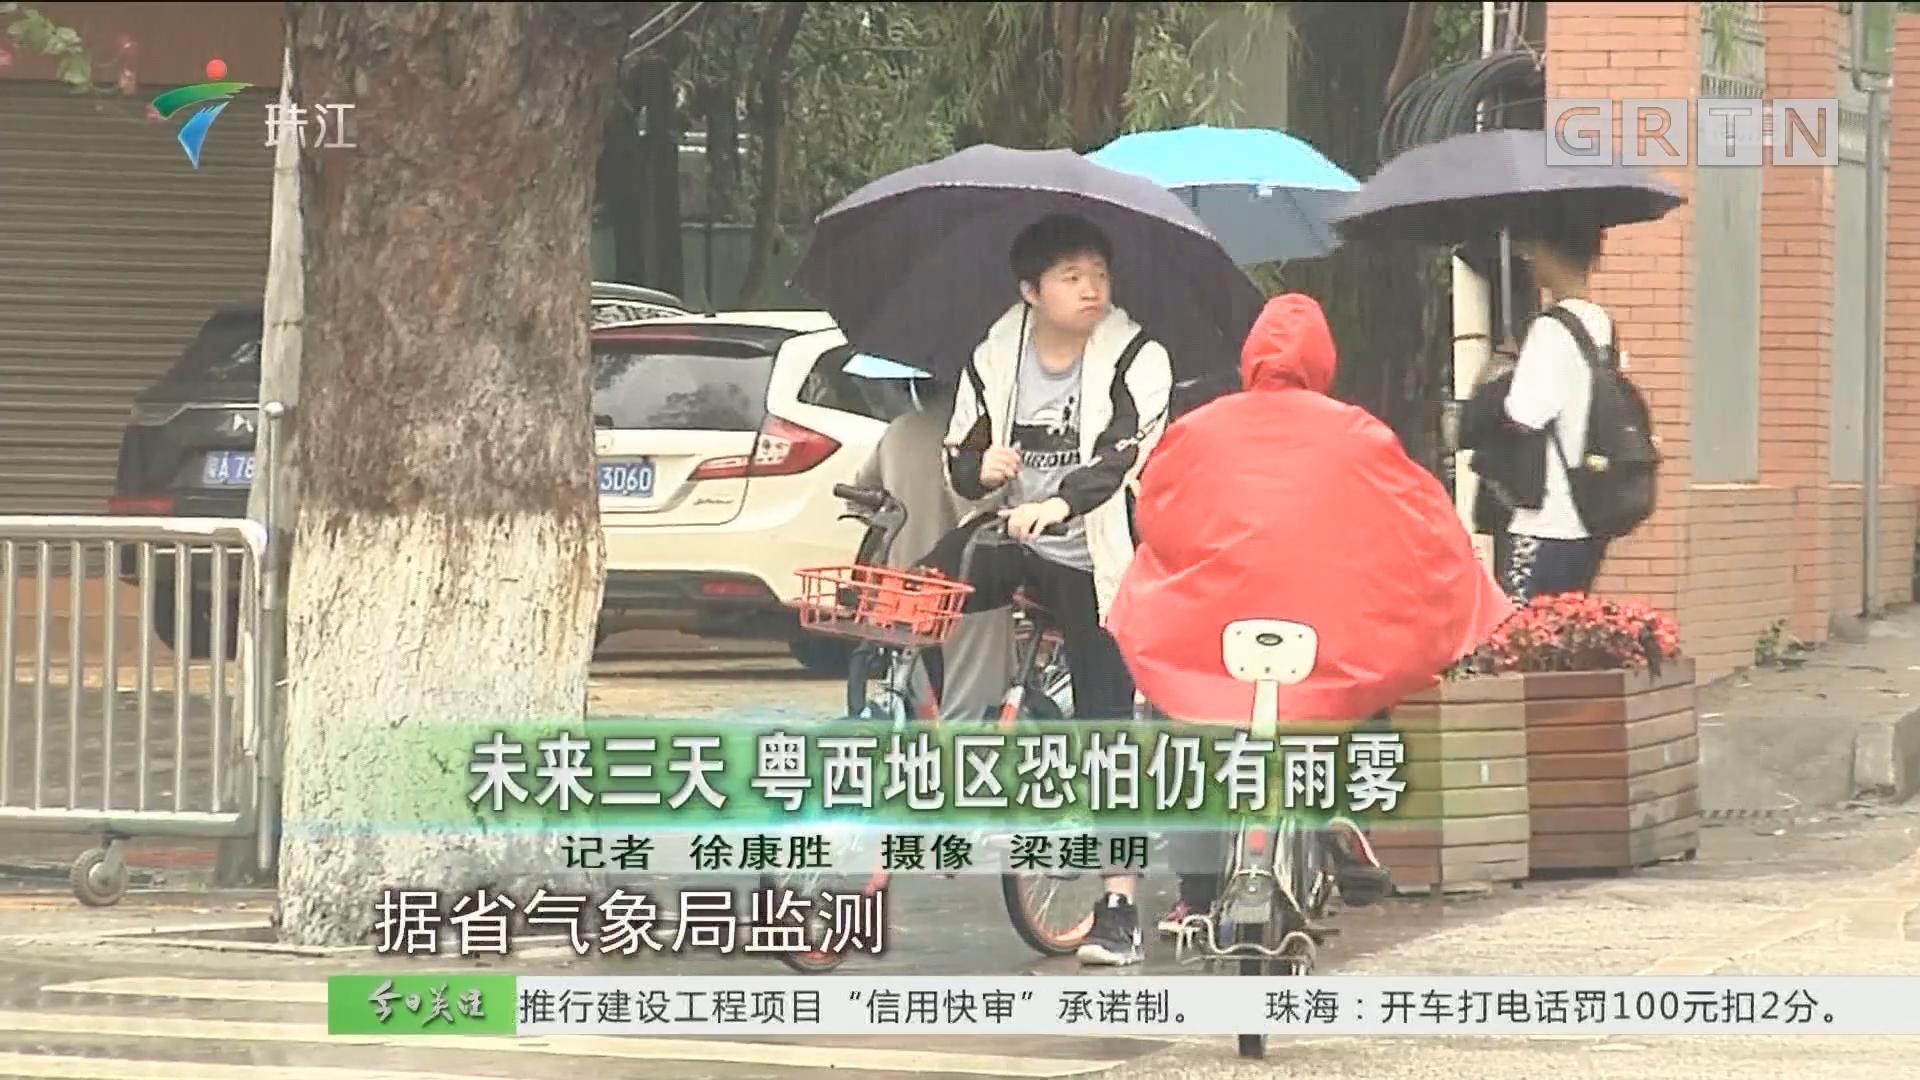 未来三天 粤西地区恐怕仍有雨雾